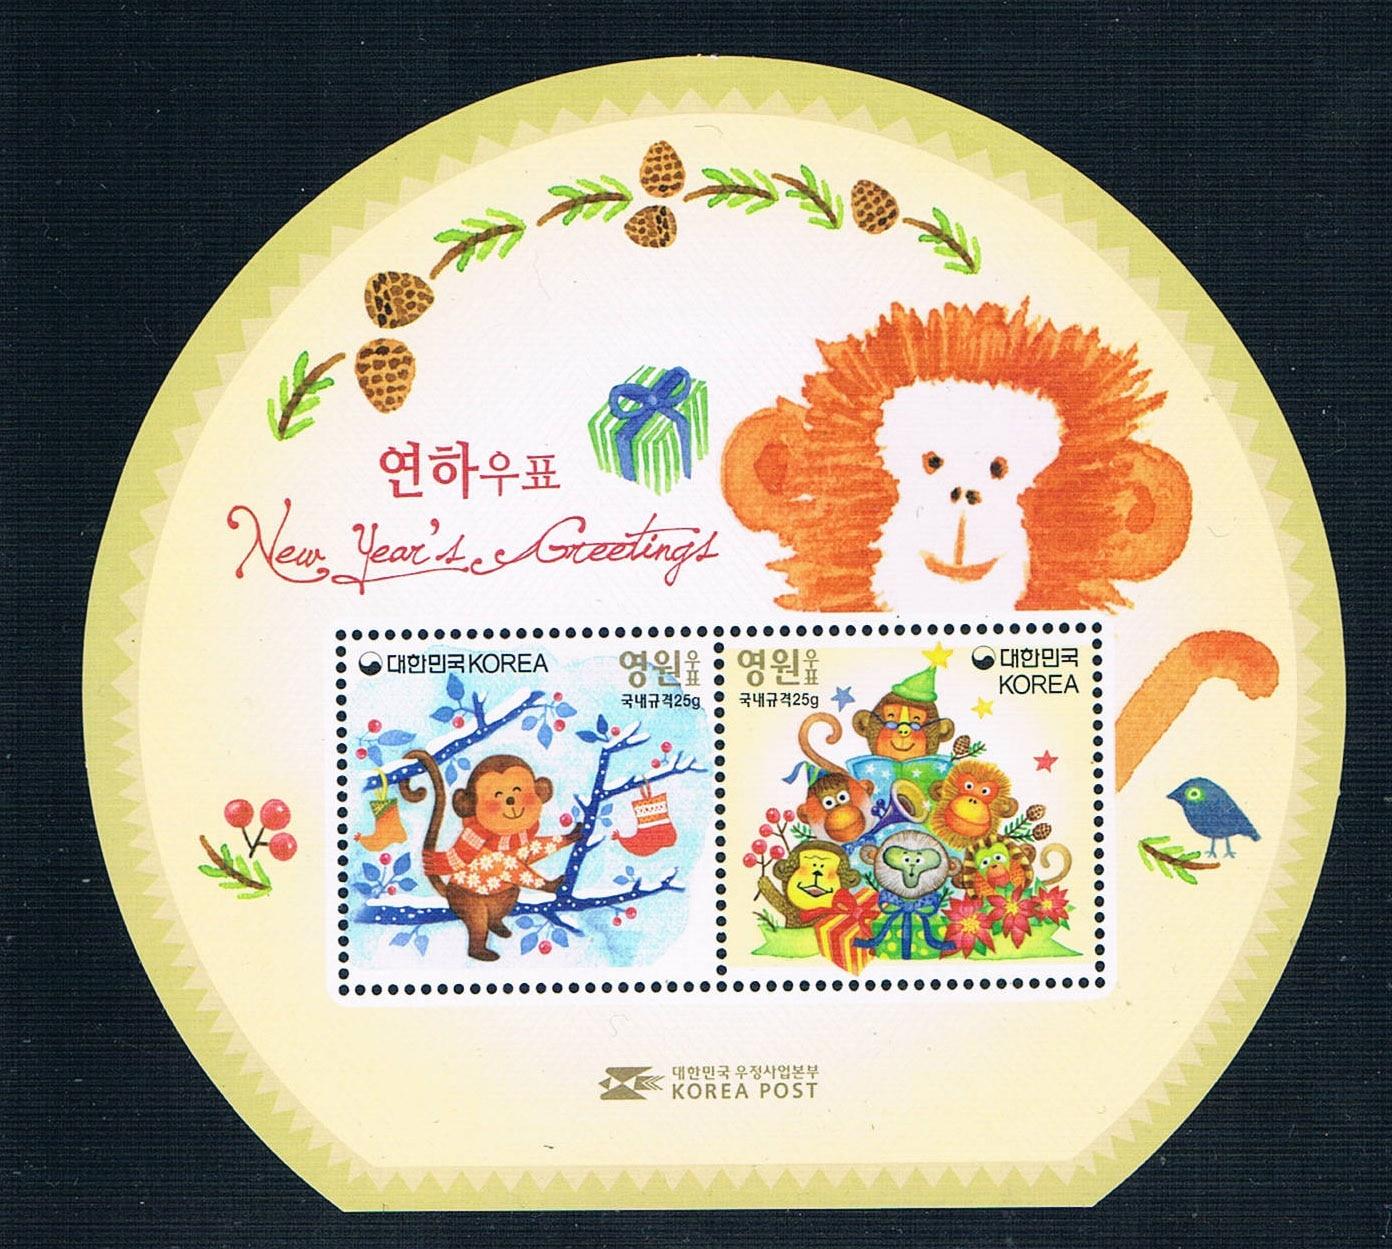 2015 Korea KR1588 China 2016 Zodiac bingshen year souvenir sheet of 1 new 1229 робот zodiac ov3400